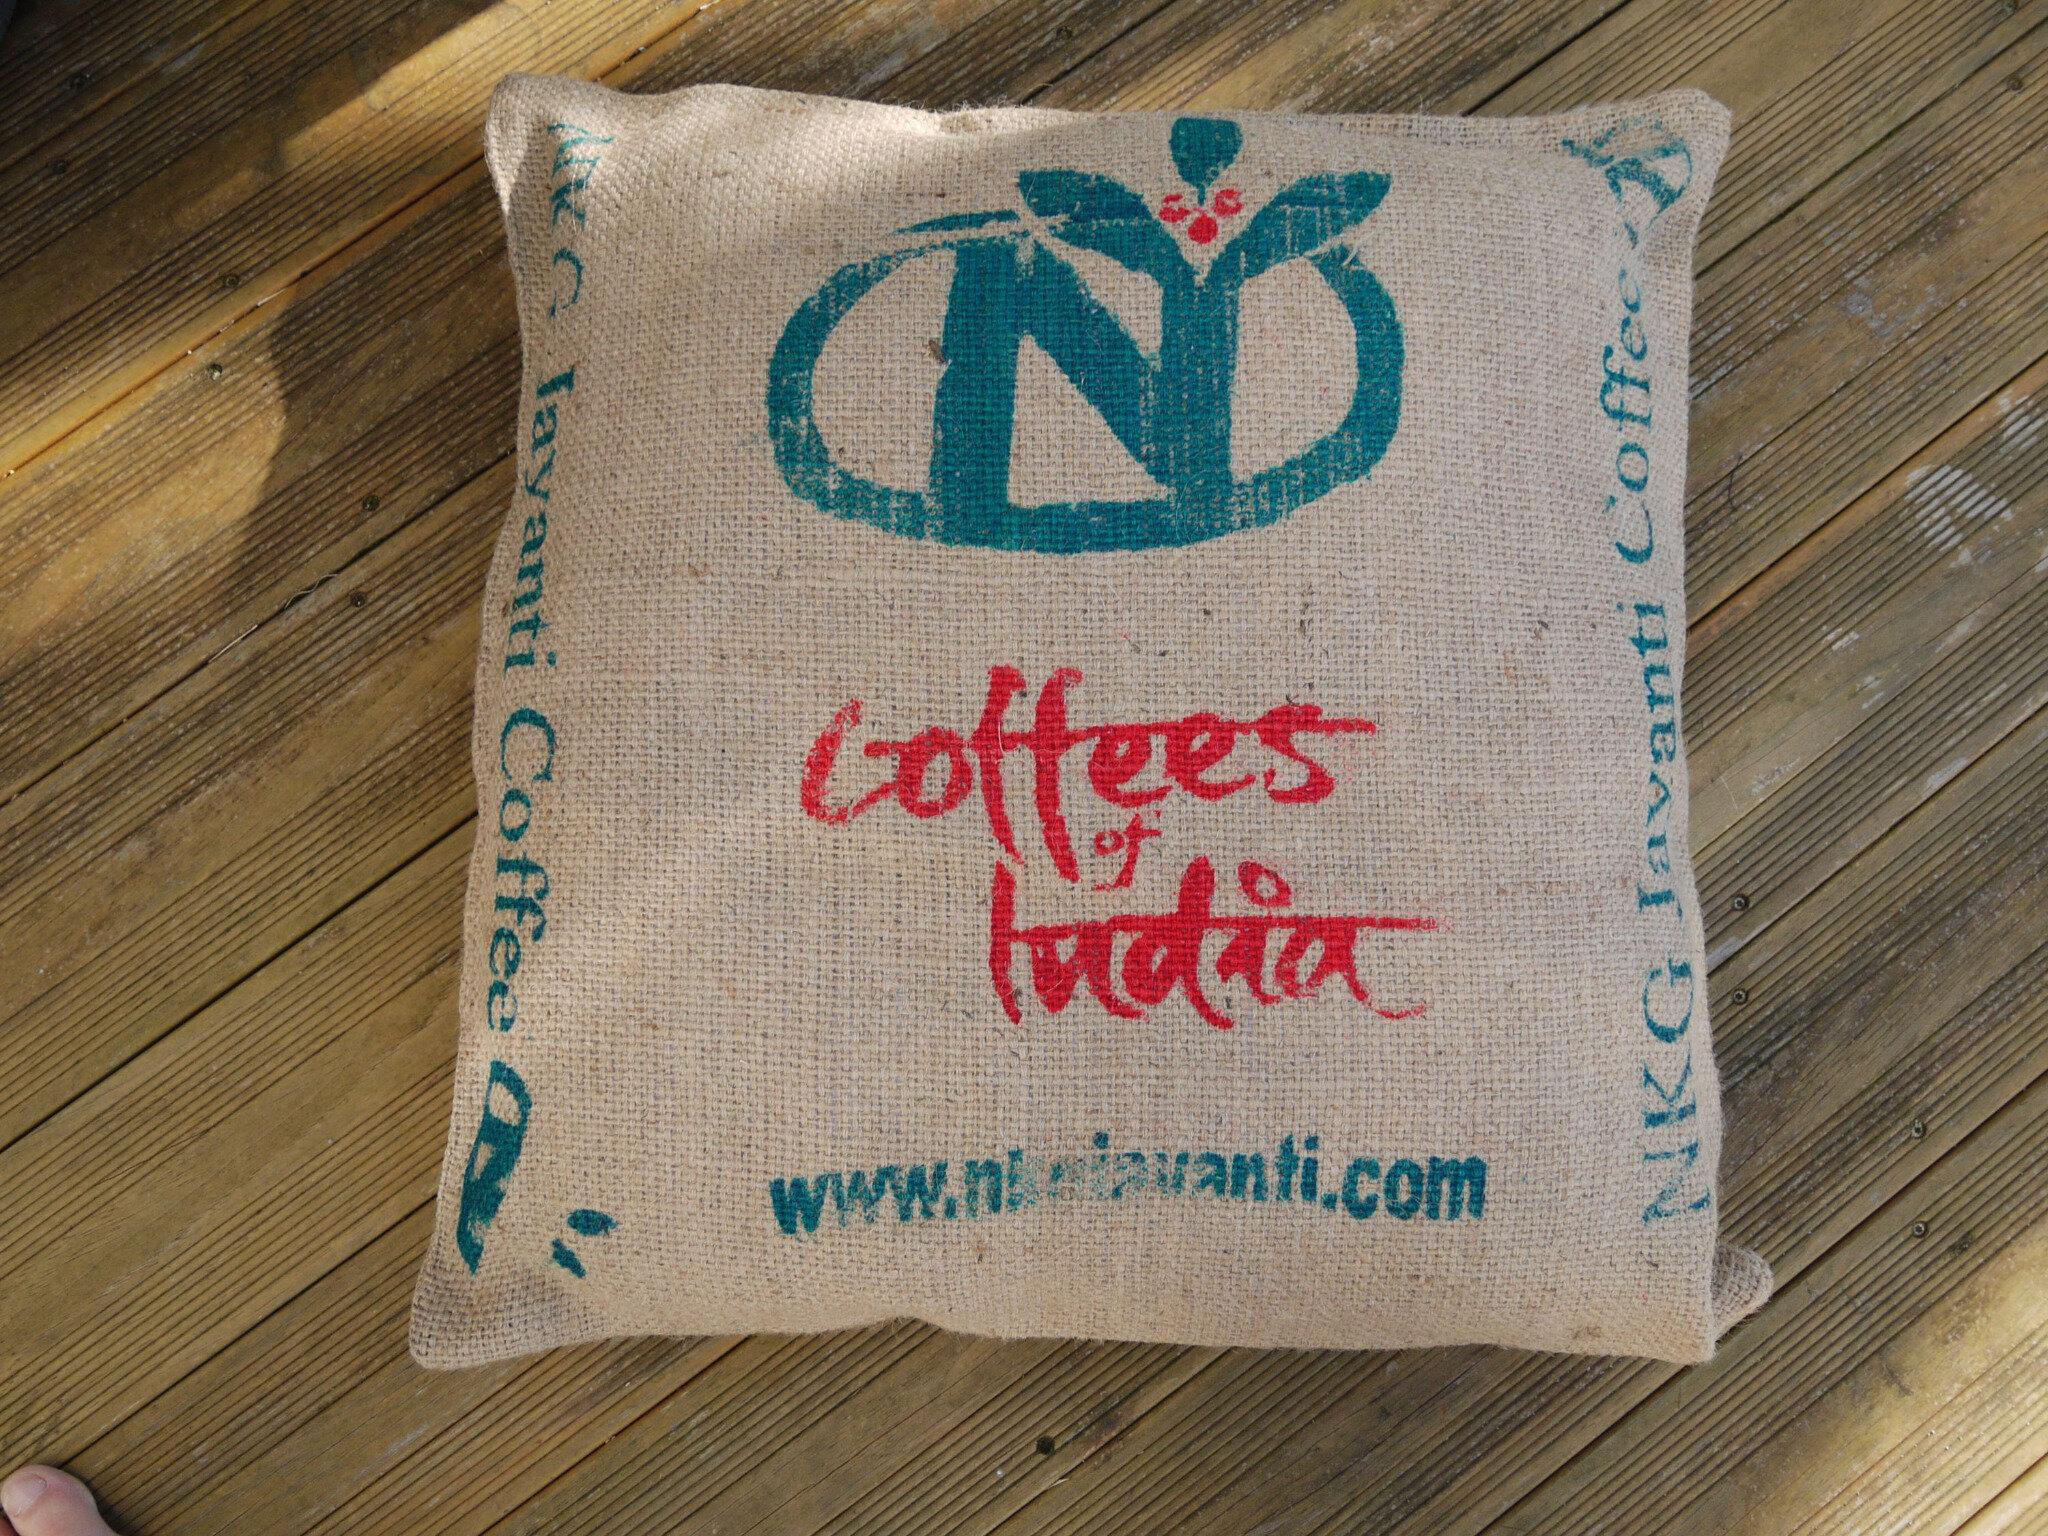 upcycling coussin de sol r cup en toile de jute de sac caf provenance inde l 39 atelier ph m re. Black Bedroom Furniture Sets. Home Design Ideas